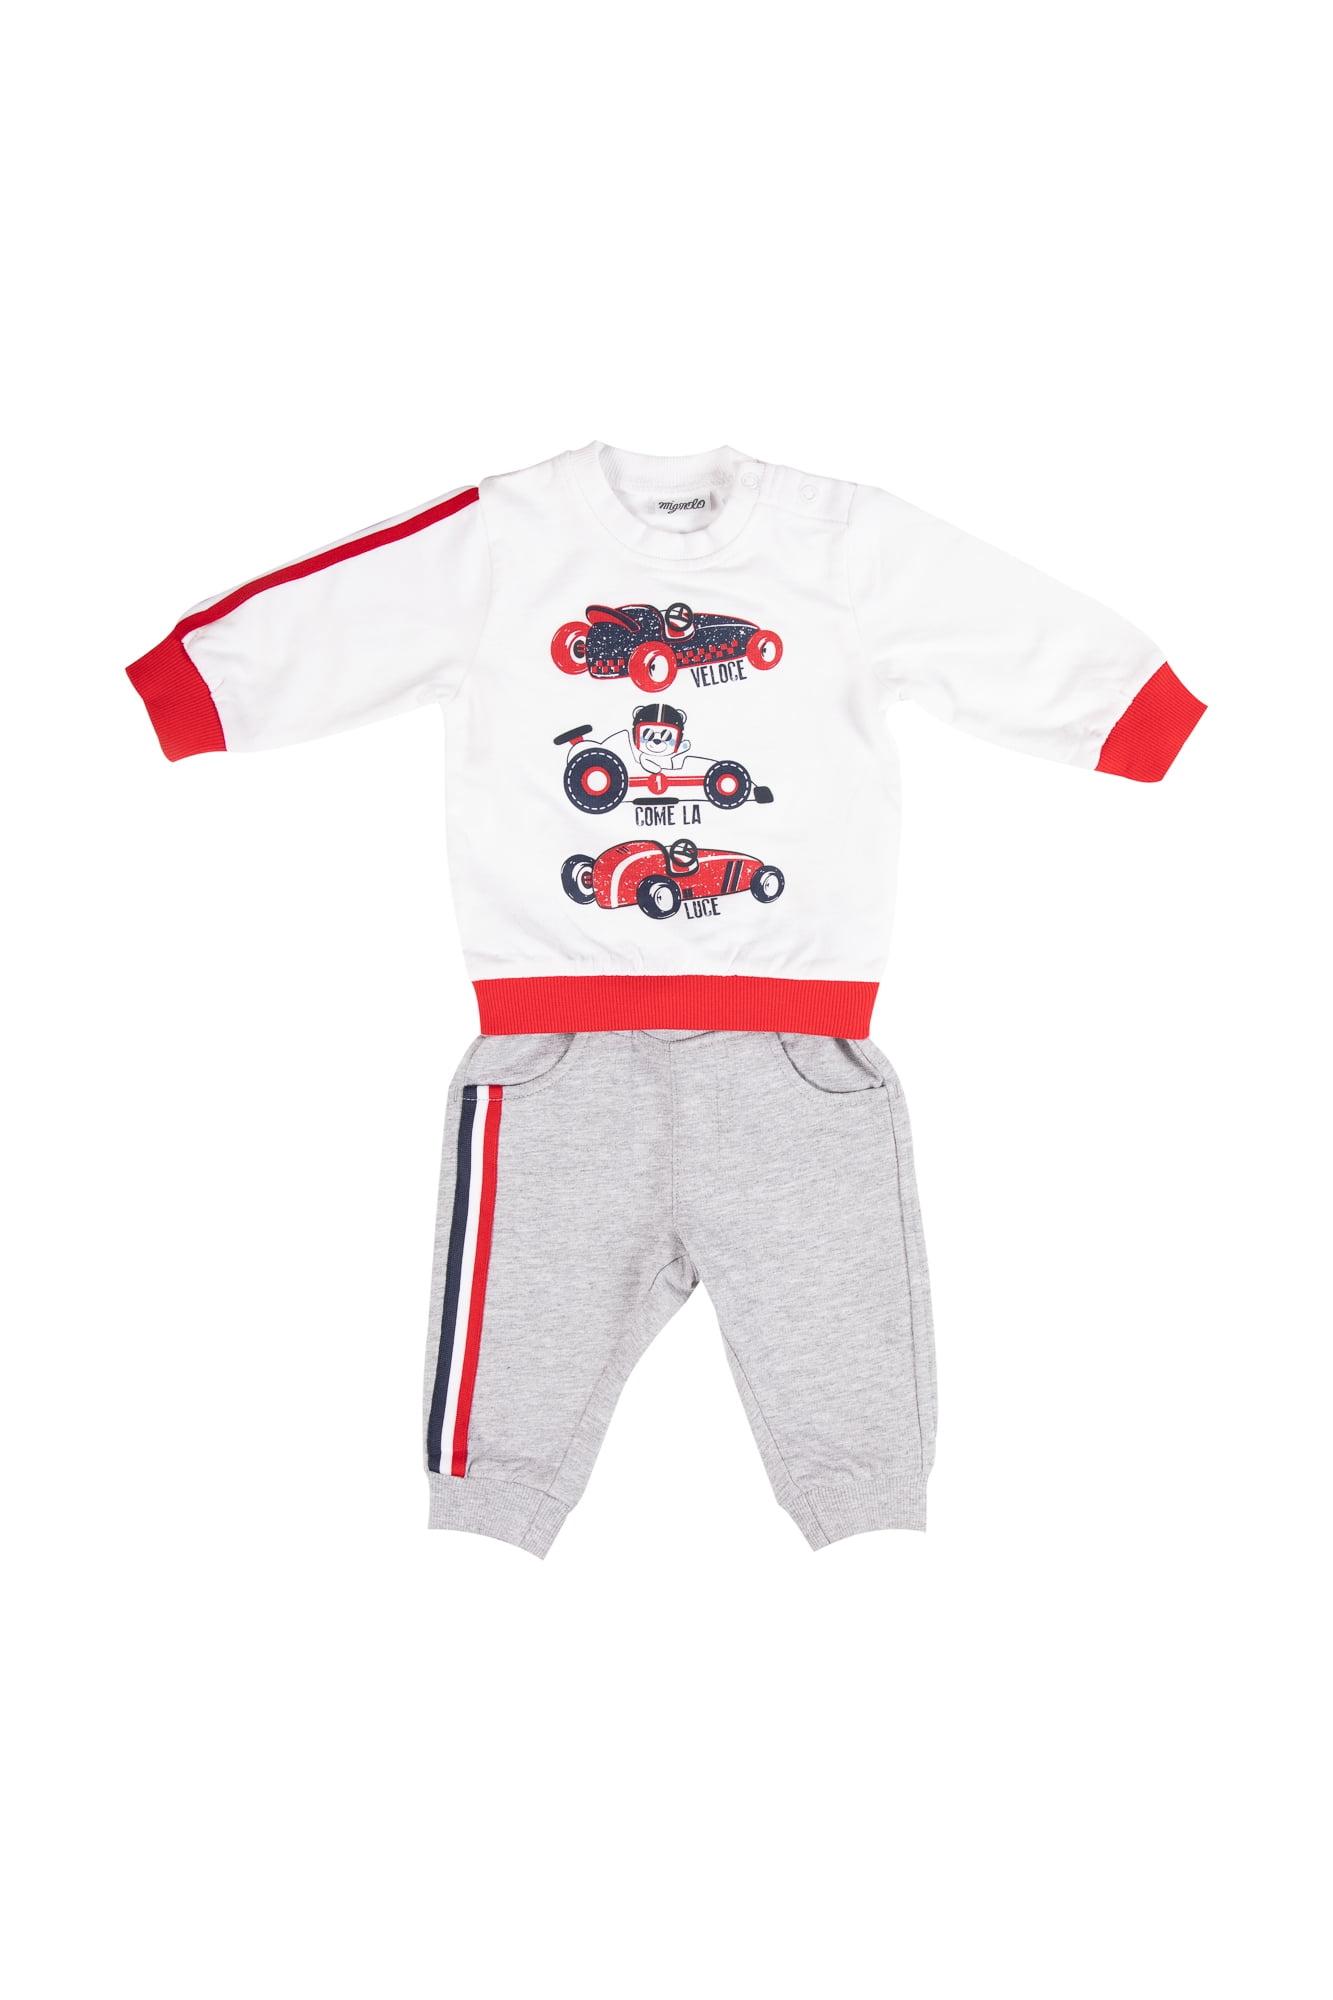 Tuta neonato bianco/grigio girocollo - Pantalone Grigio con tasche anteriori e posteriori